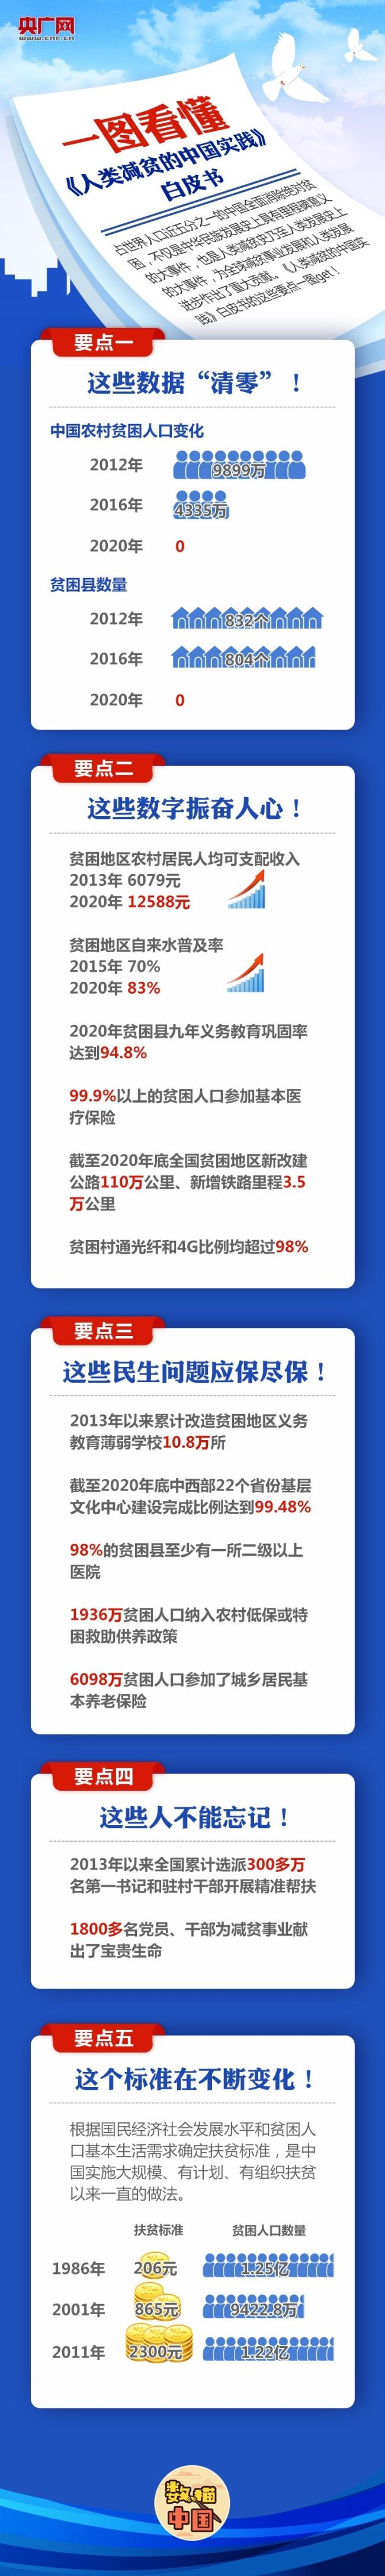 贫穷不是命中注定!一图读懂中国减贫成绩单